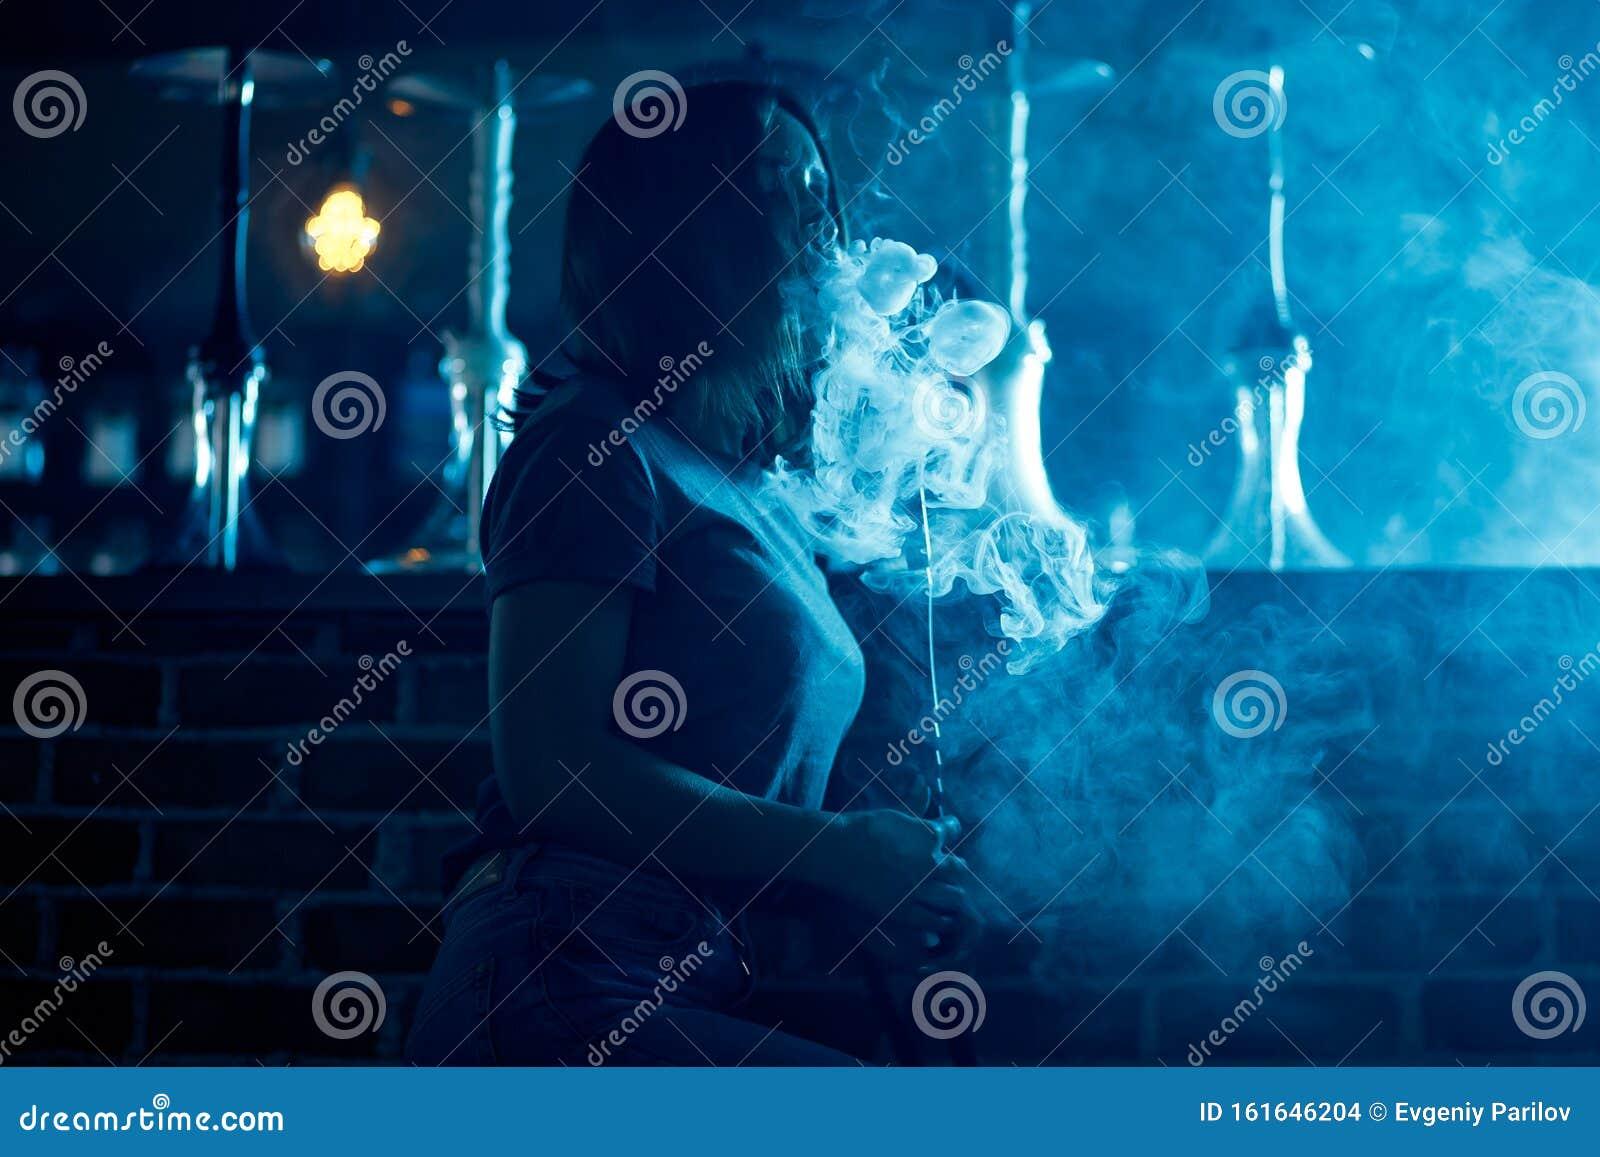 Девушек бьют в ночном клубе клубы тюмени закрыты